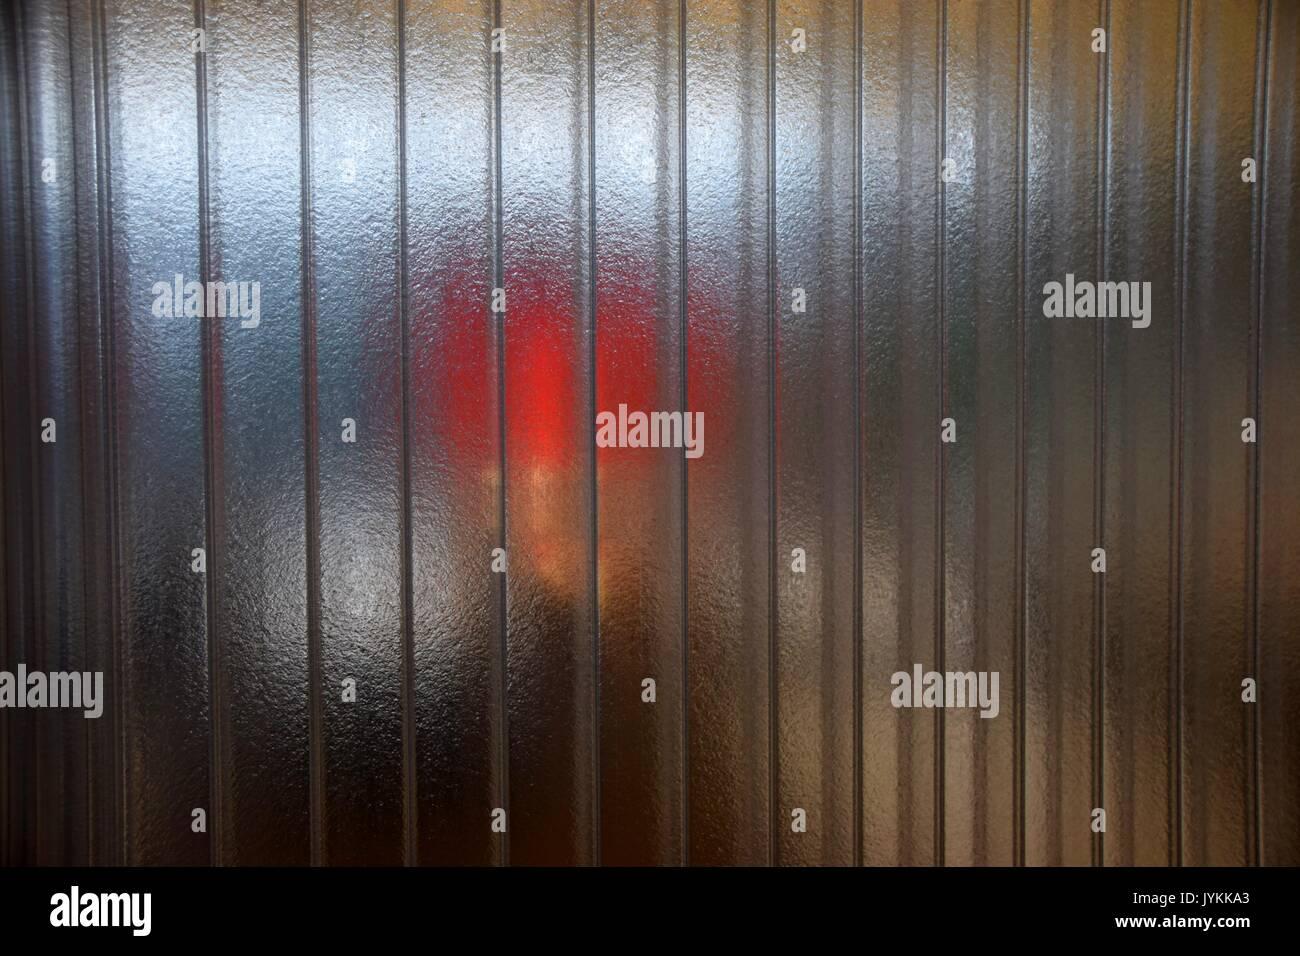 Wand partition stockfotos wand partition bilder alamy - Asiatische trennwand ...